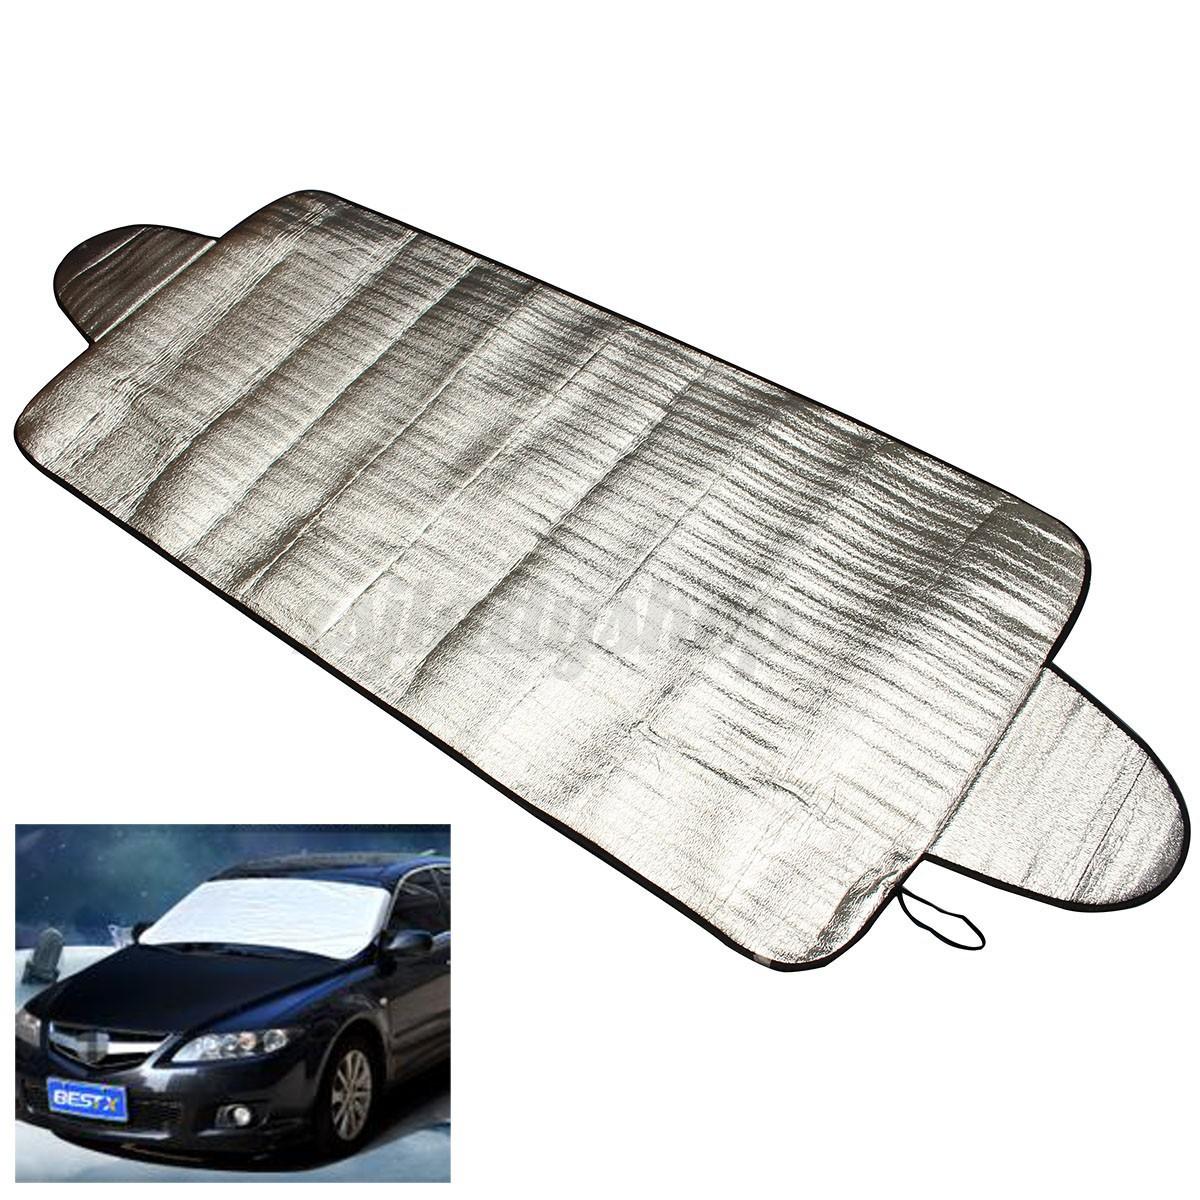 Frostschutz Für Autoscheiben